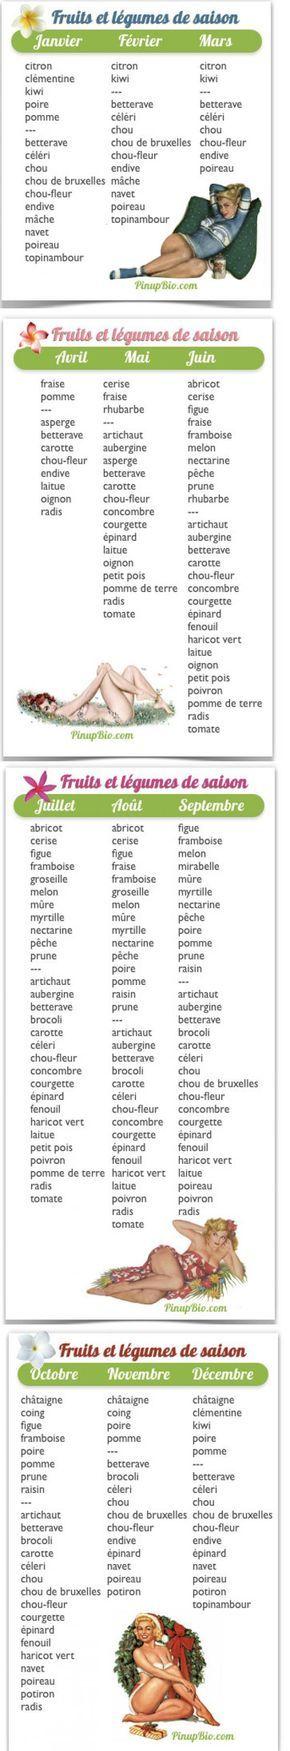 Fruits et légumes de saison (mois par mois)